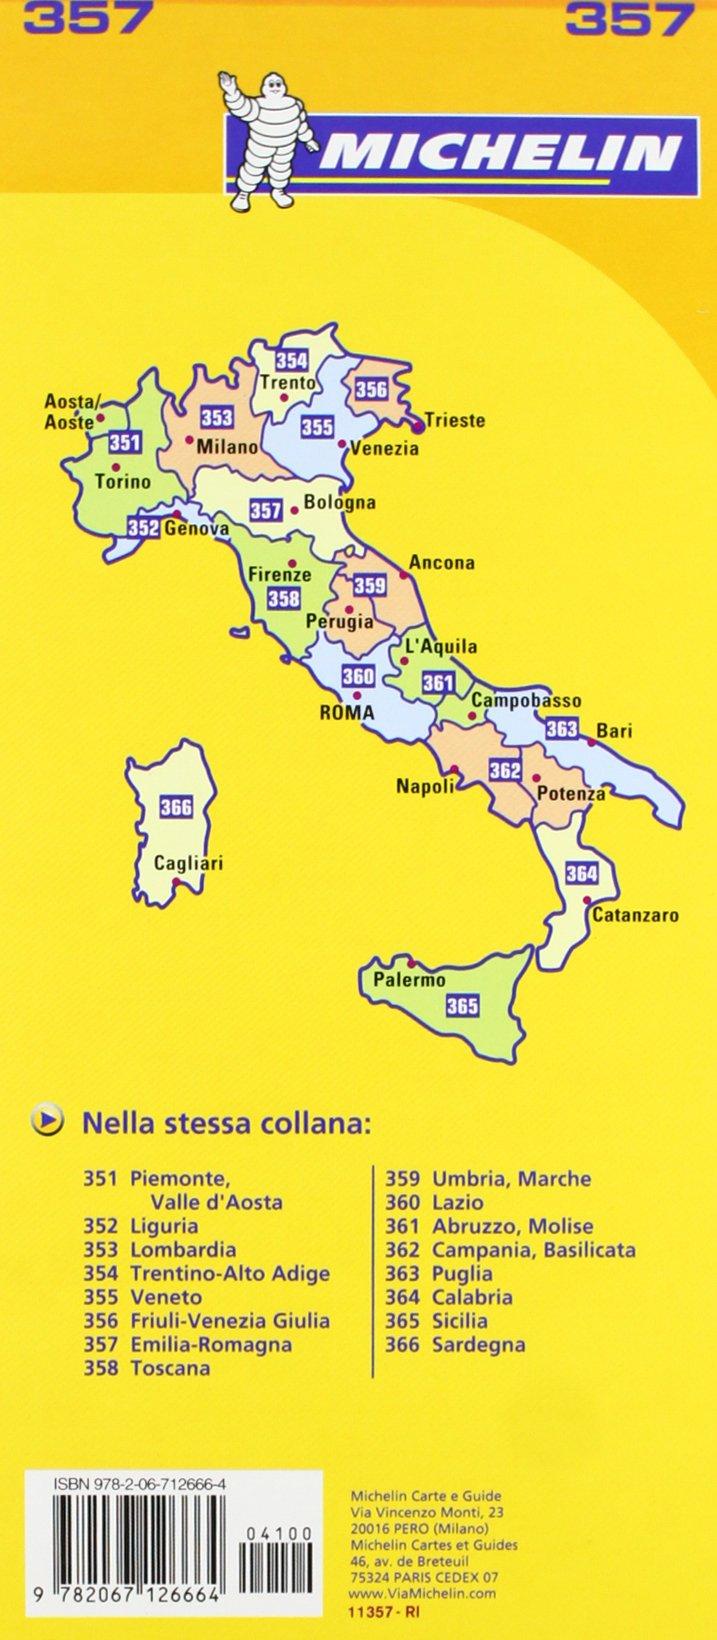 Cartina Veneto Michelin.Michelin Map Italy Emilia Romagna 357 Maps Local Michelin Italian Edition Michelin 9782067126664 Amazon Com Books